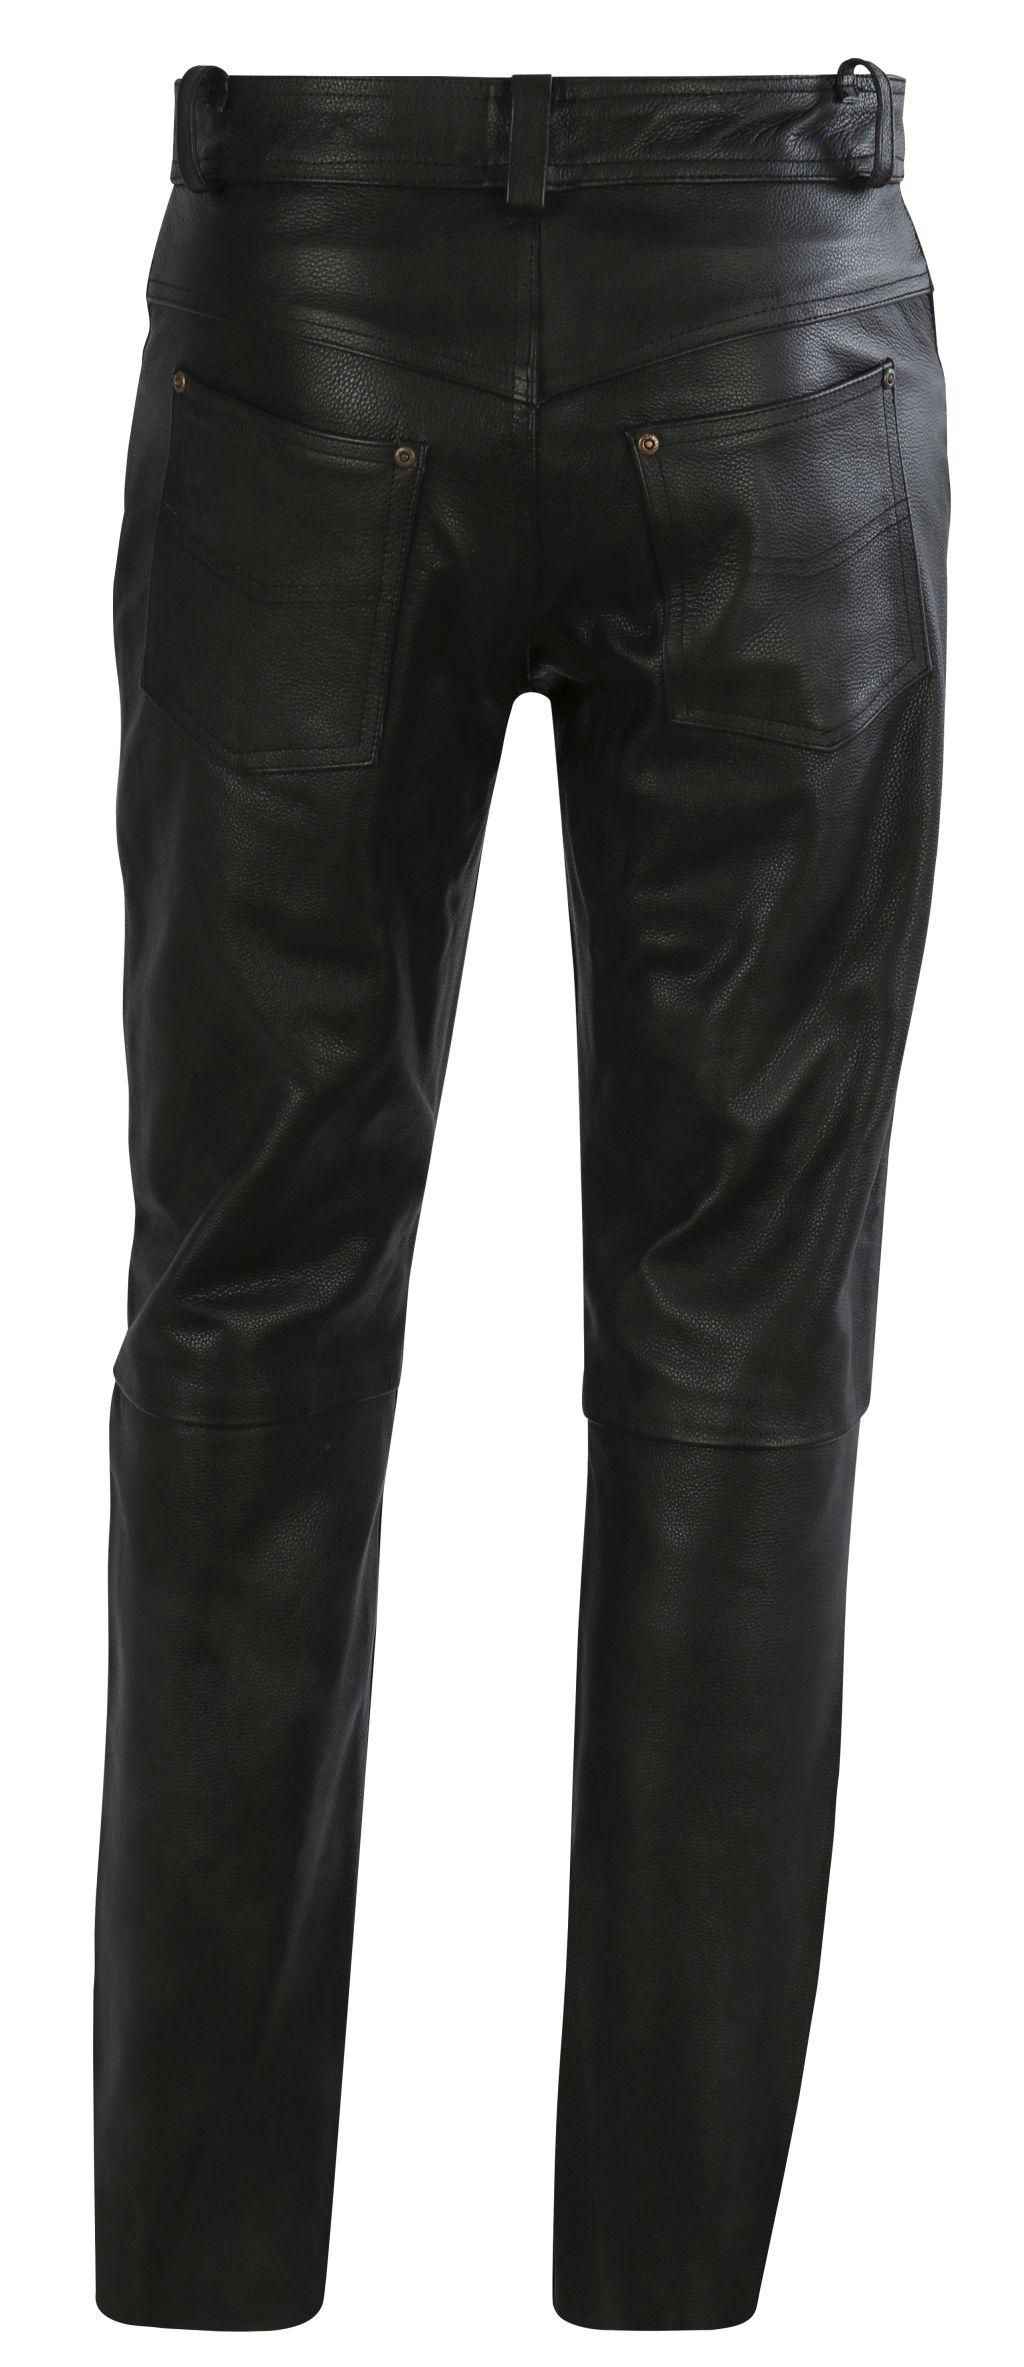 Herren Lederjeans Lederhose Leder Biker Motorrad Schwarz 36 - 46 inch